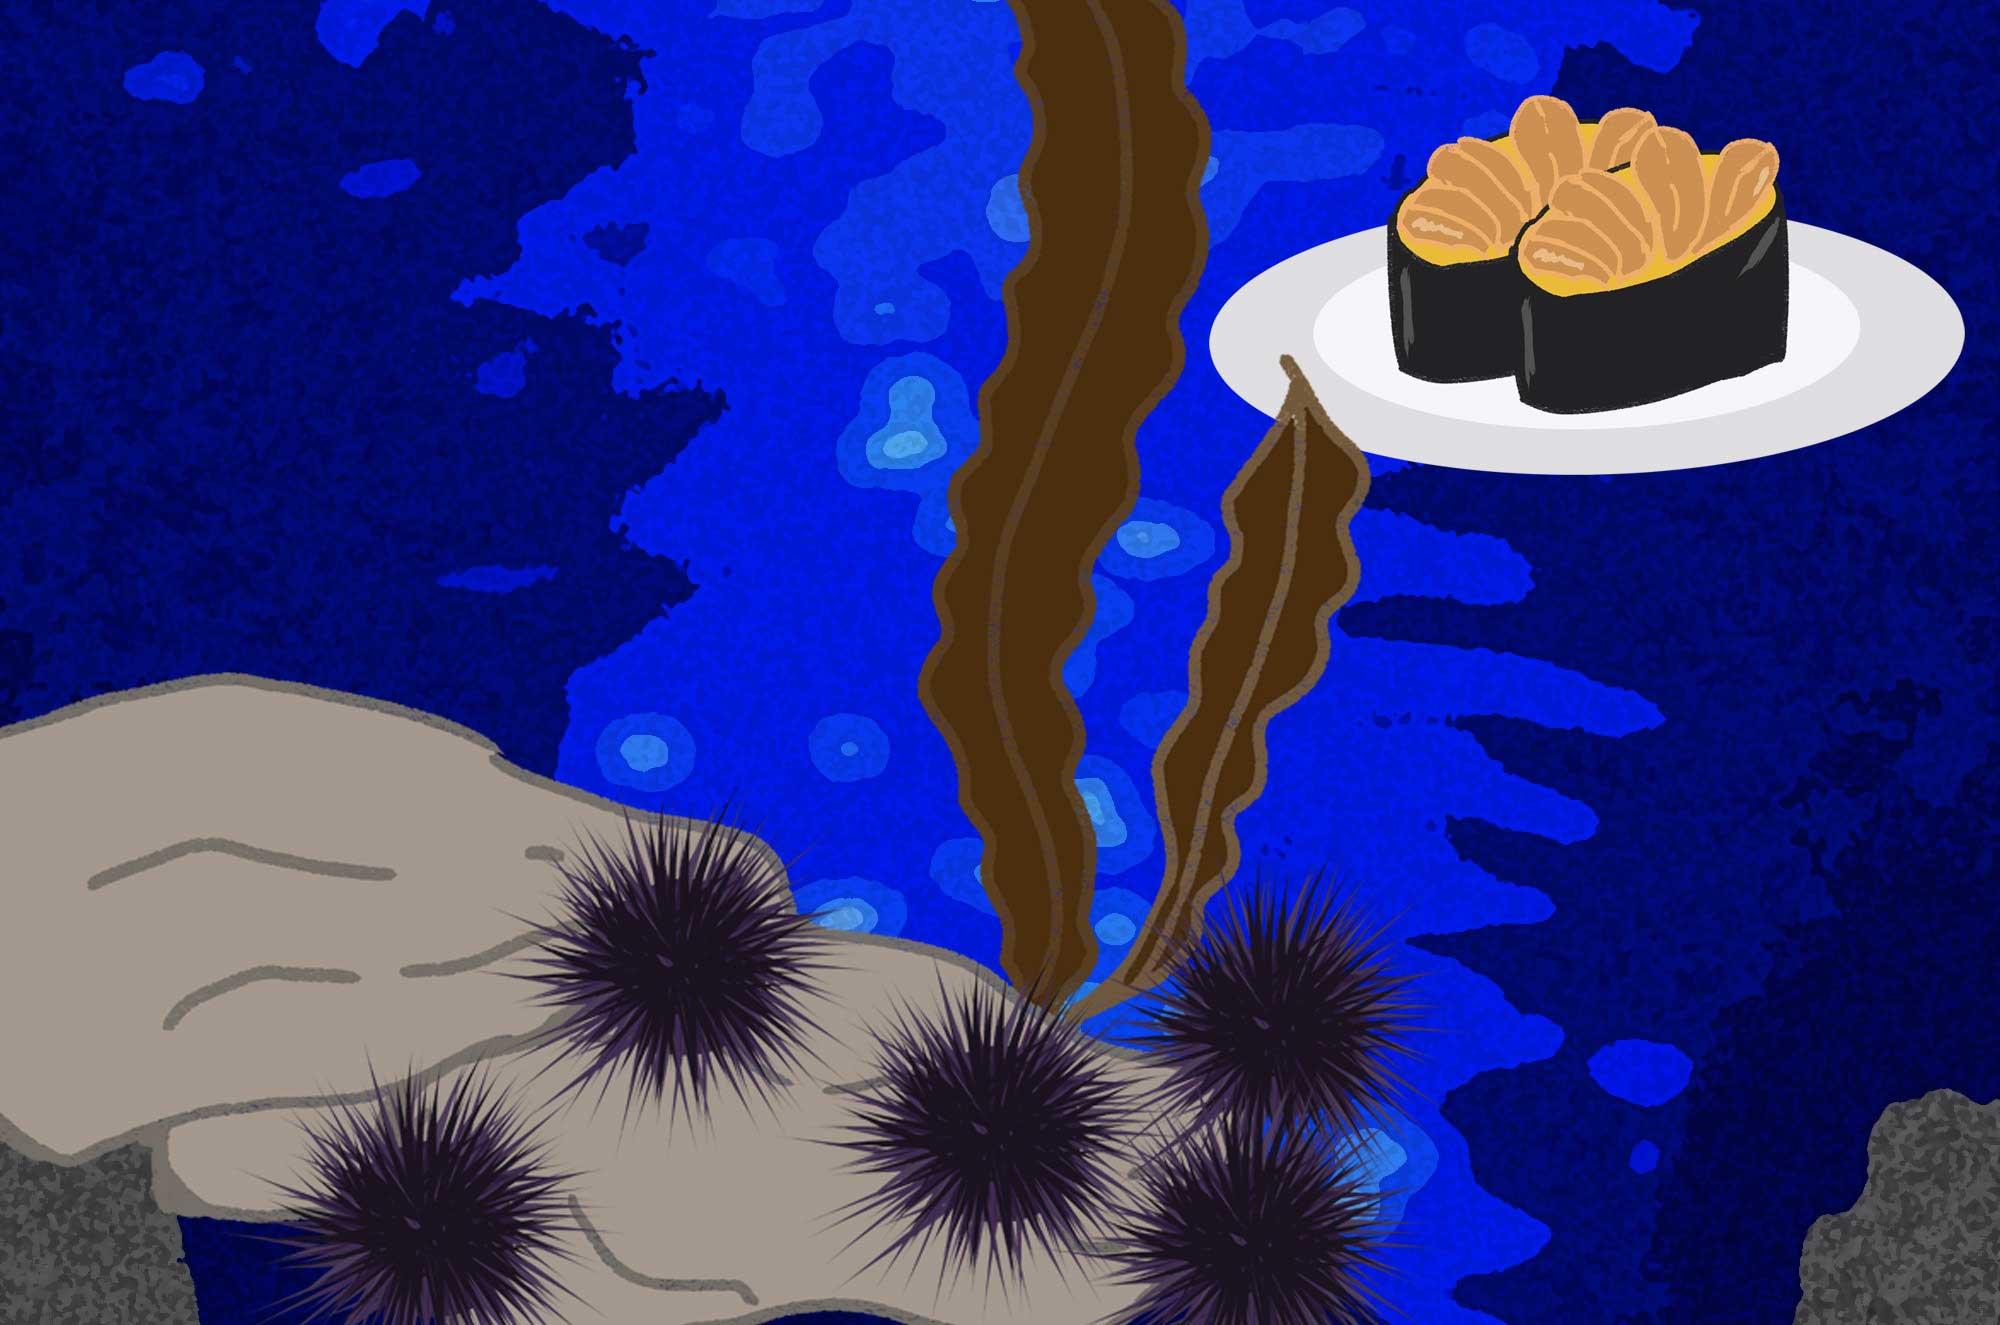 うにイラスト - お寿司に可愛い海のトゲトゲ生物無料素材